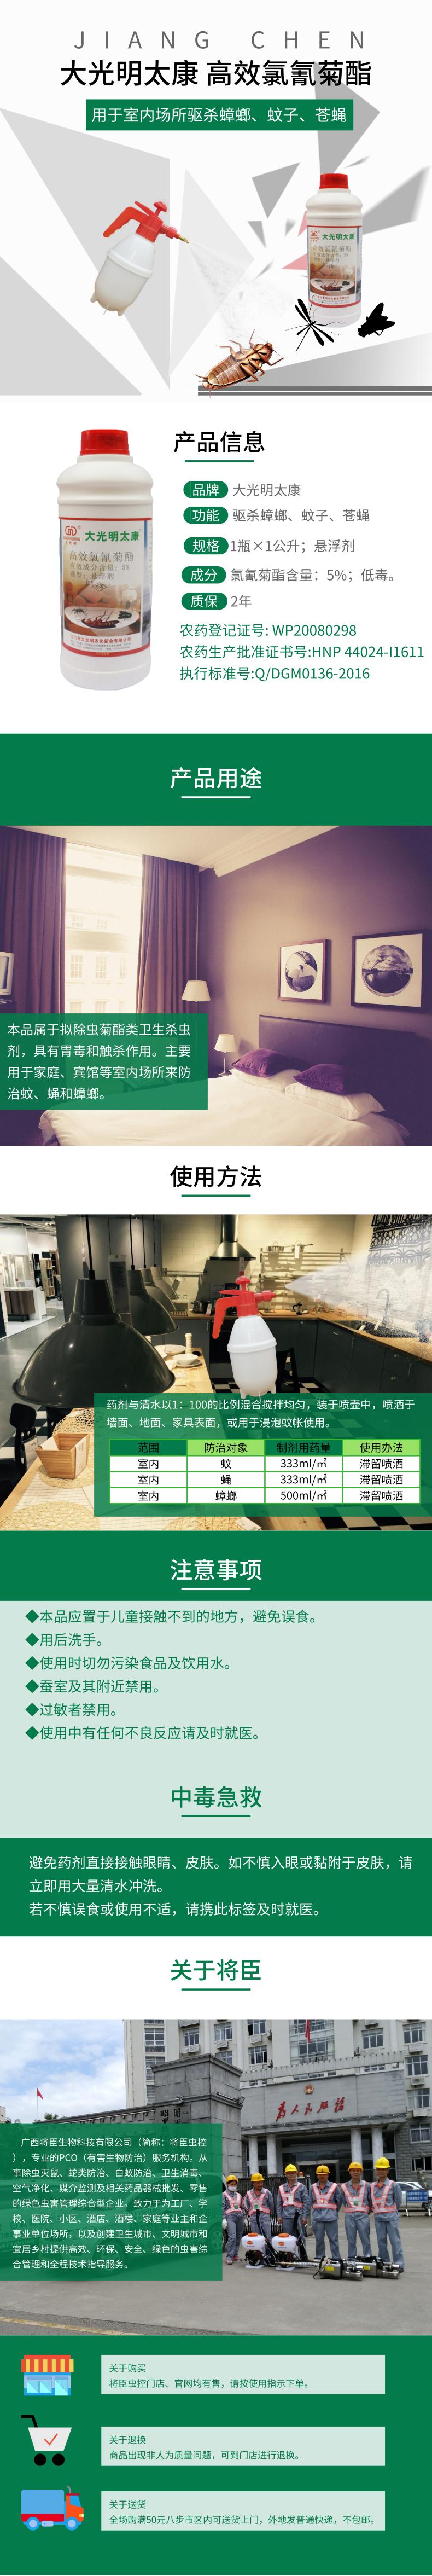 太康大瓶_自定义px_2019.05.04